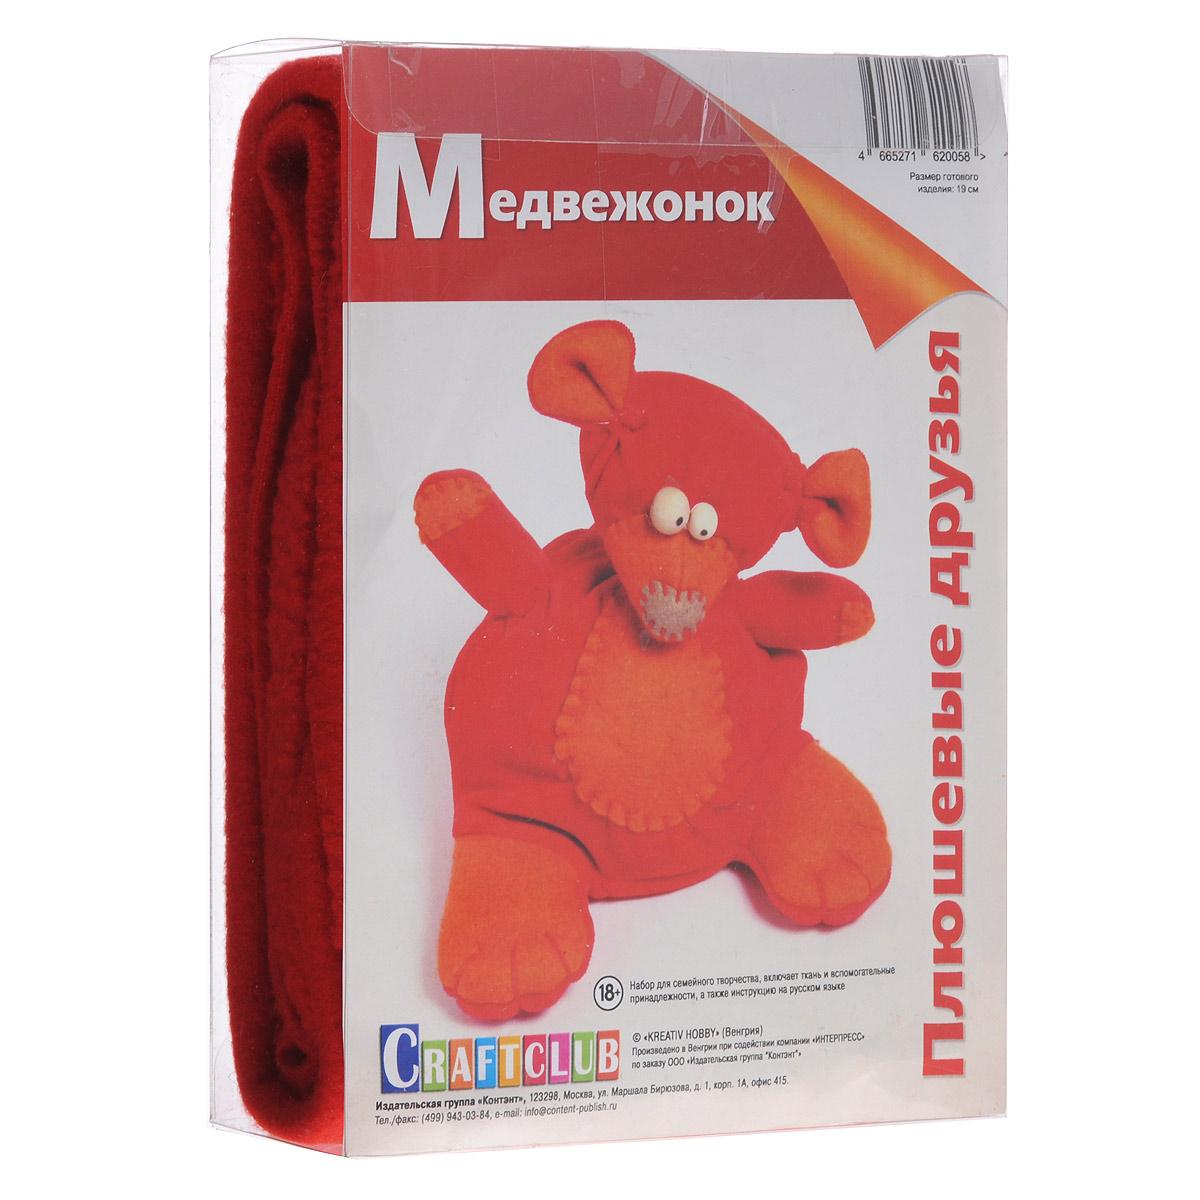 Набор для изготовления игрушки Craftclub Медвежонок, высота 19 см набор для изготовления текстильной игрушки артмикс мишка папа высота 25 см